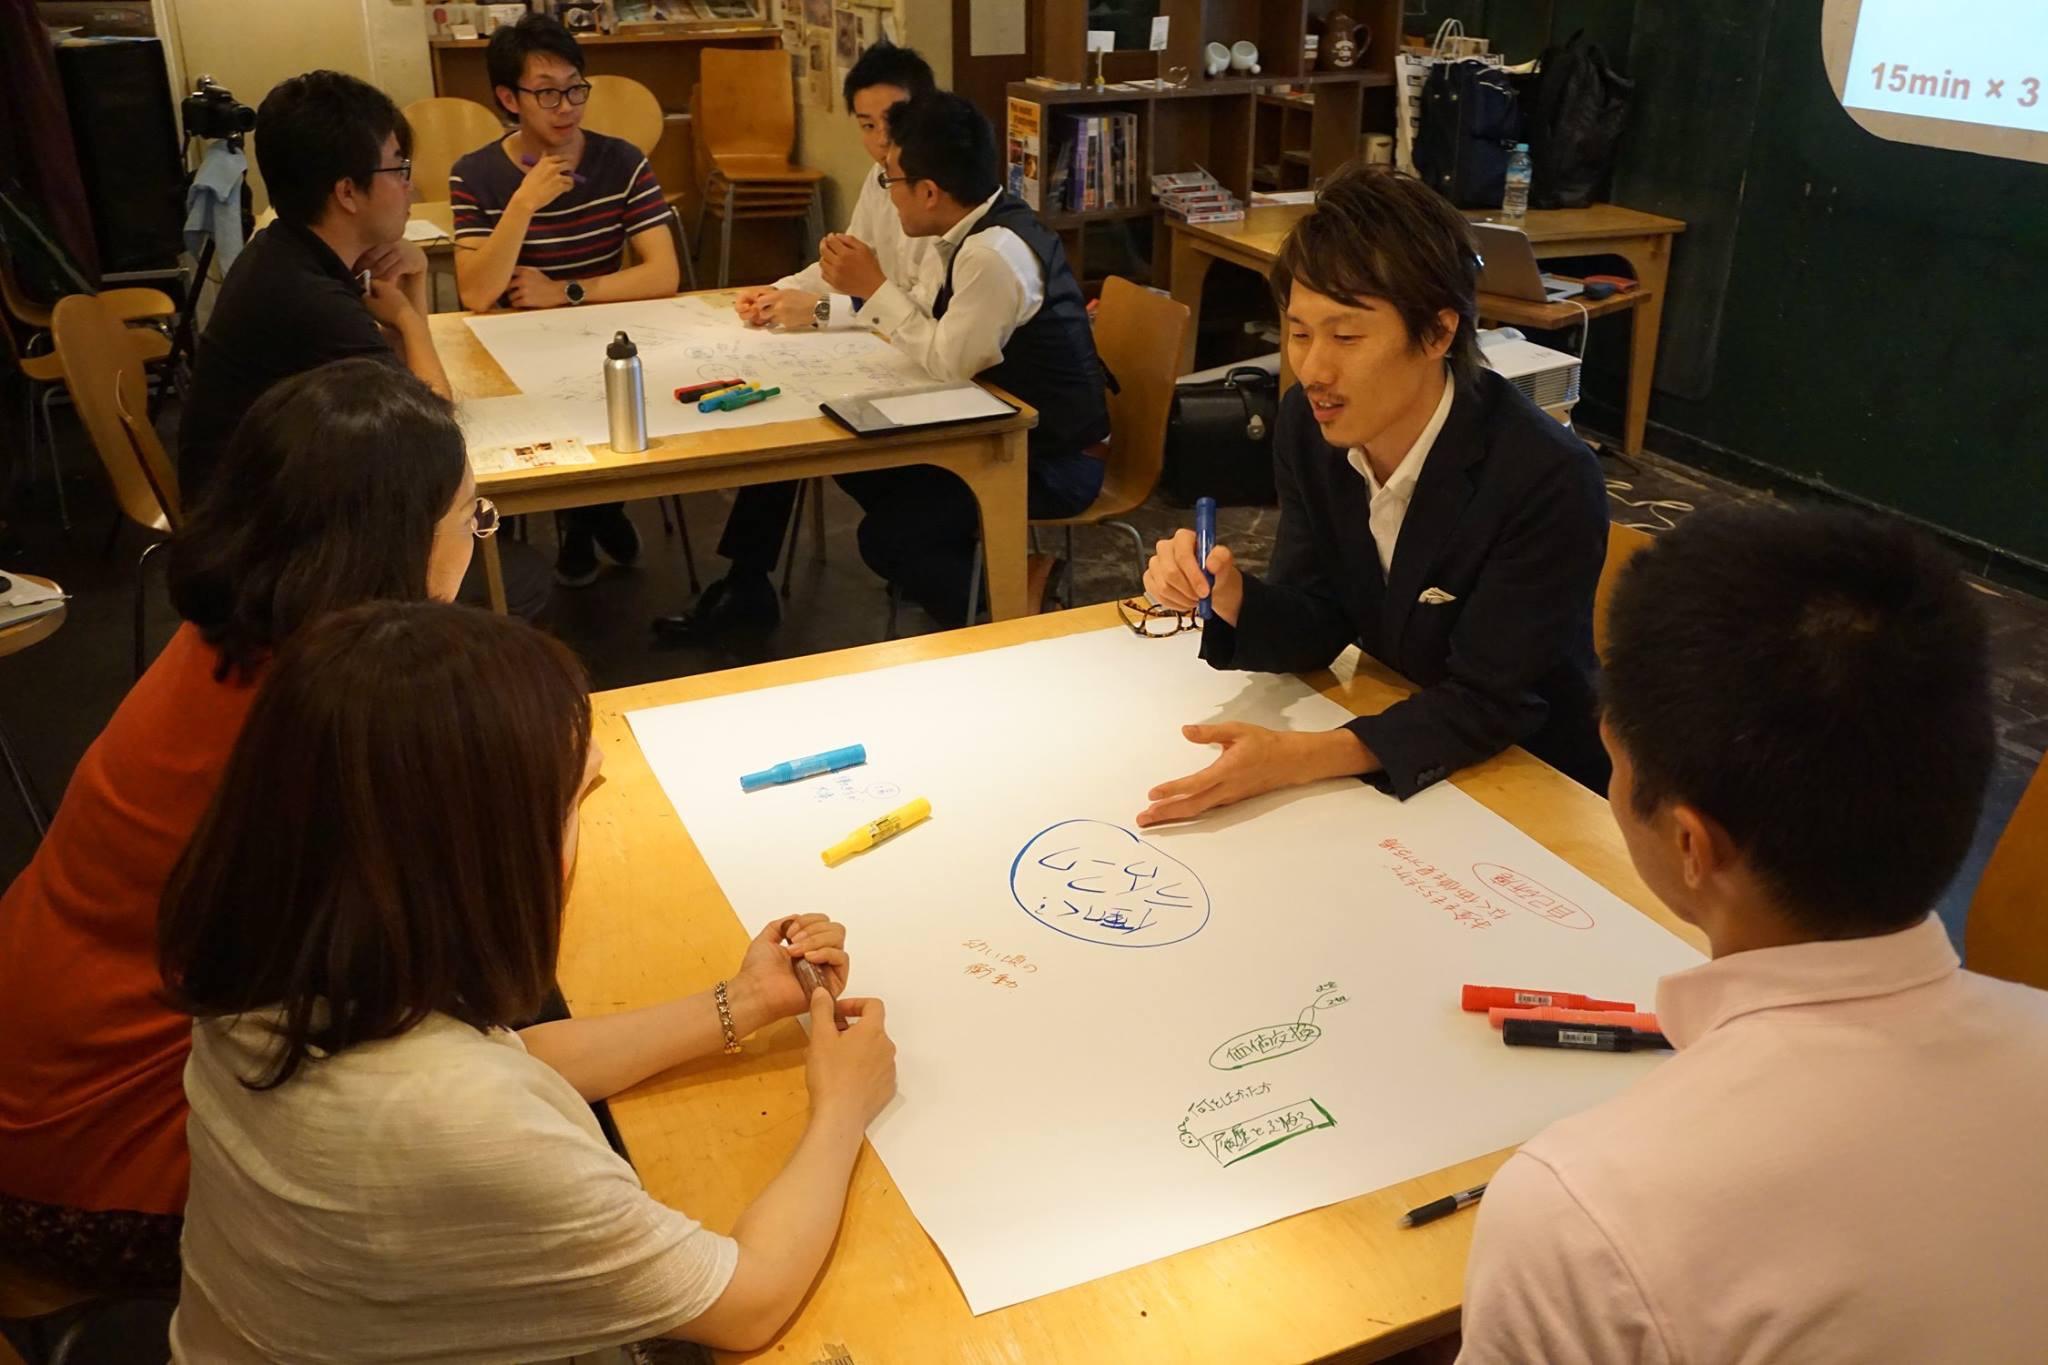 コミュニティデザインは、集客・商品企画・チームビルディングなどにも大活躍